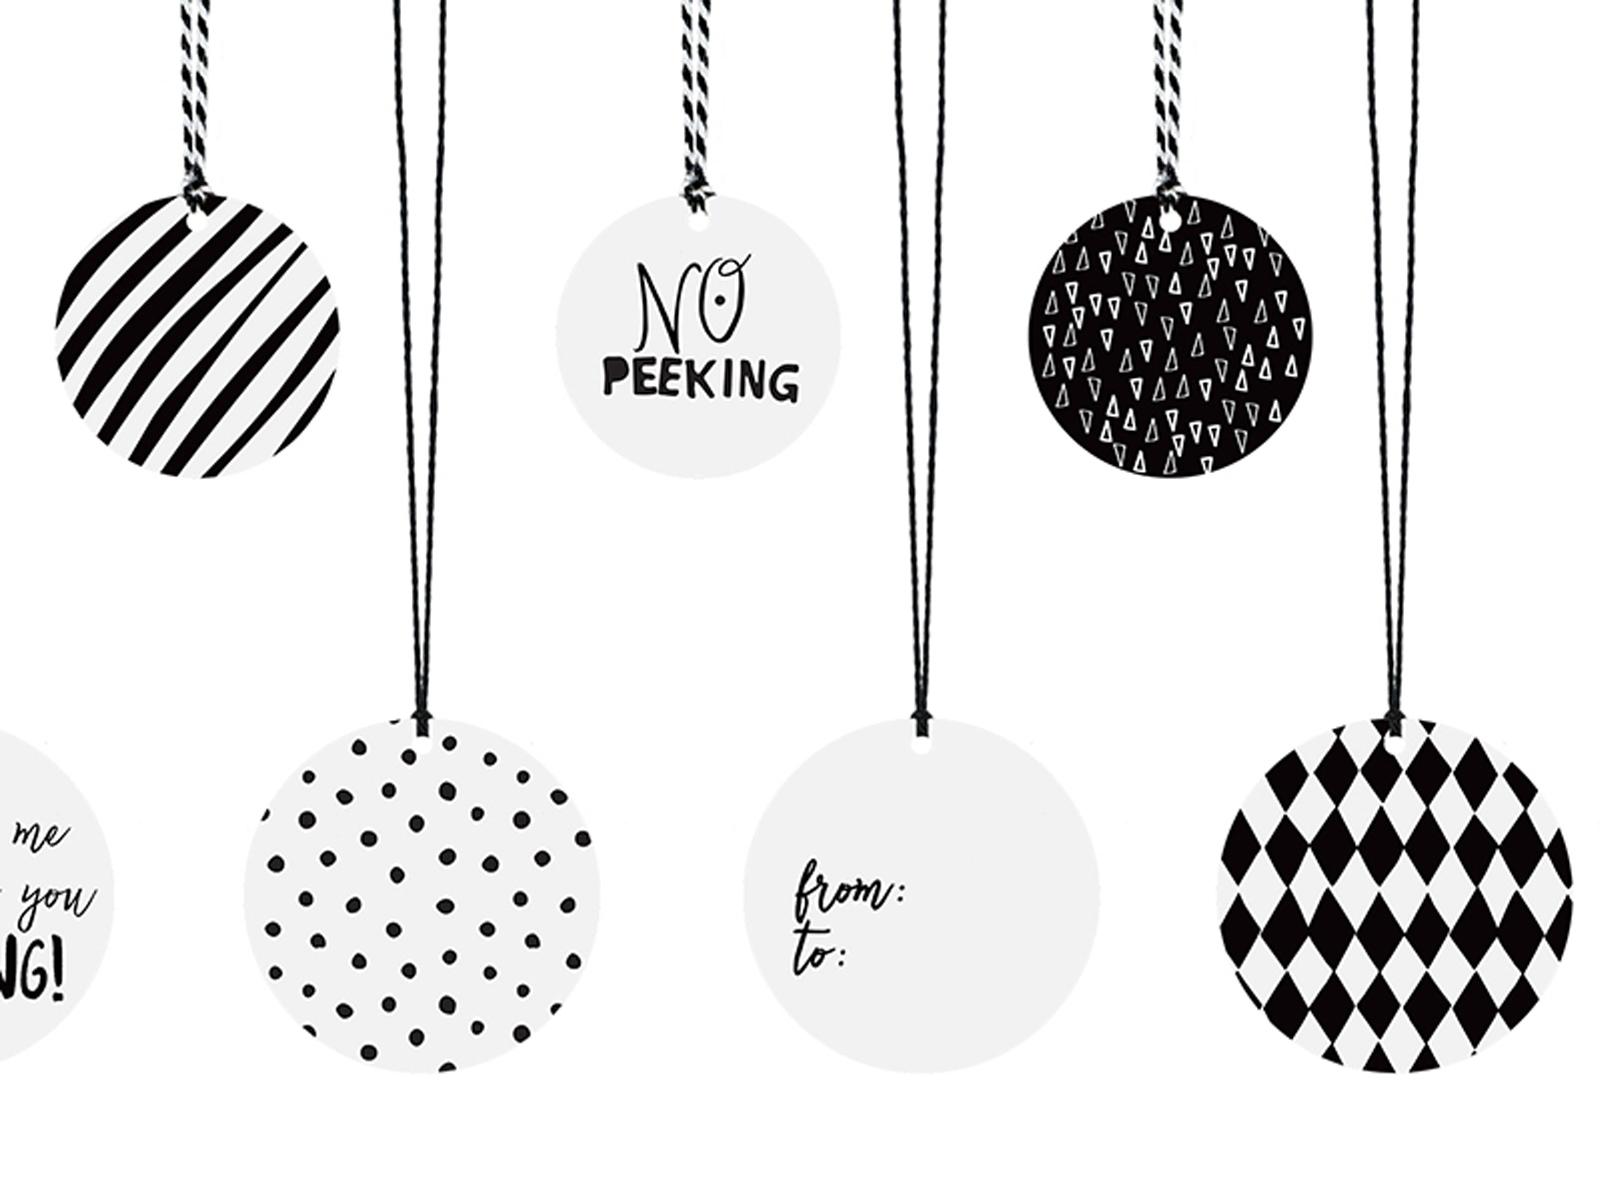 Weihnachten Schwarz Weiß Bilder.Geschenkeanhänger Weihnachten Schwarz Weiss Mit Kordeln 12 Stück